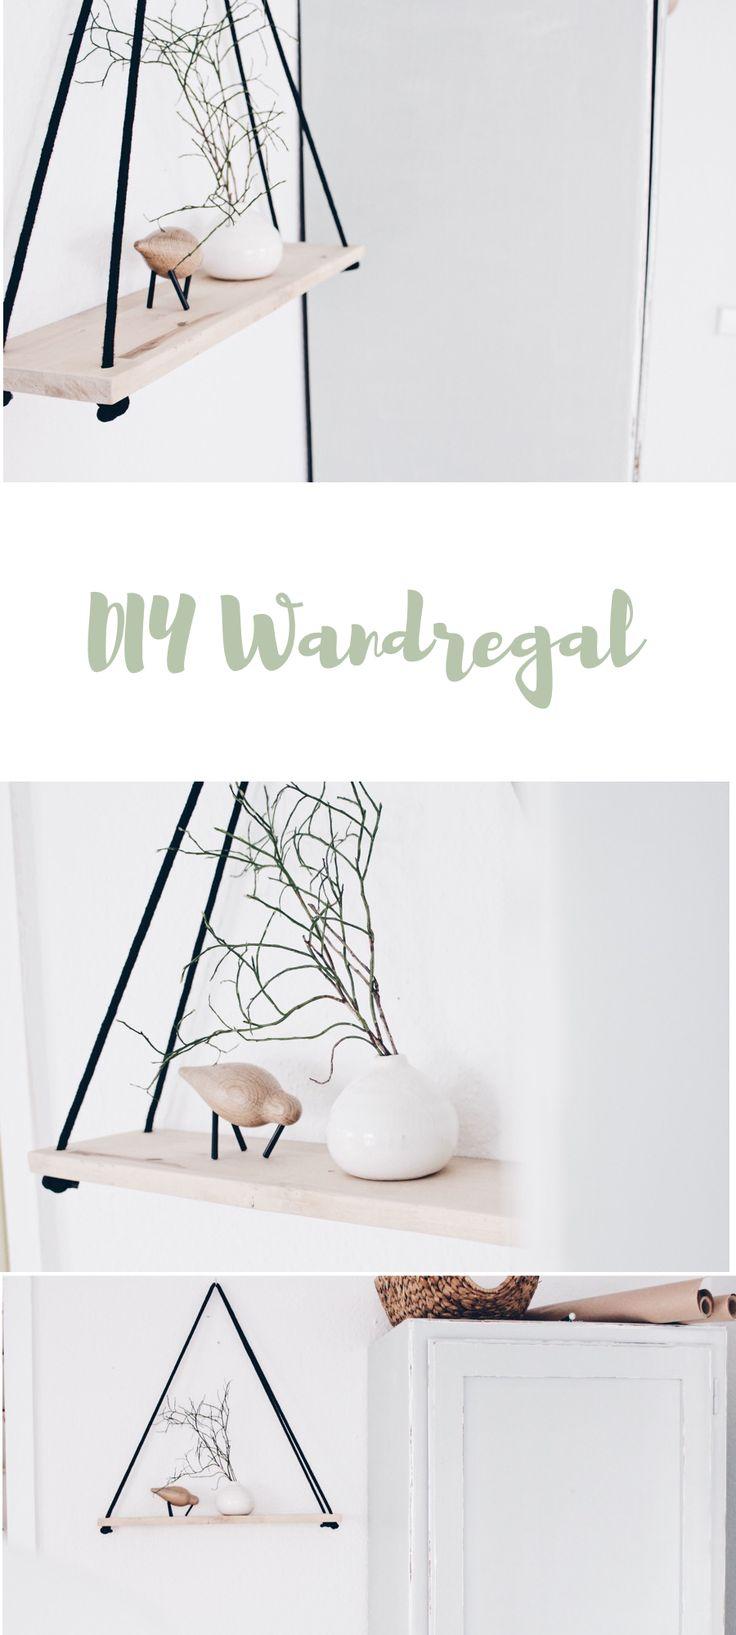 die besten 25 diy wandregal ideen auf pinterest eckregale b cher ber wohnungseinrichtung. Black Bedroom Furniture Sets. Home Design Ideas